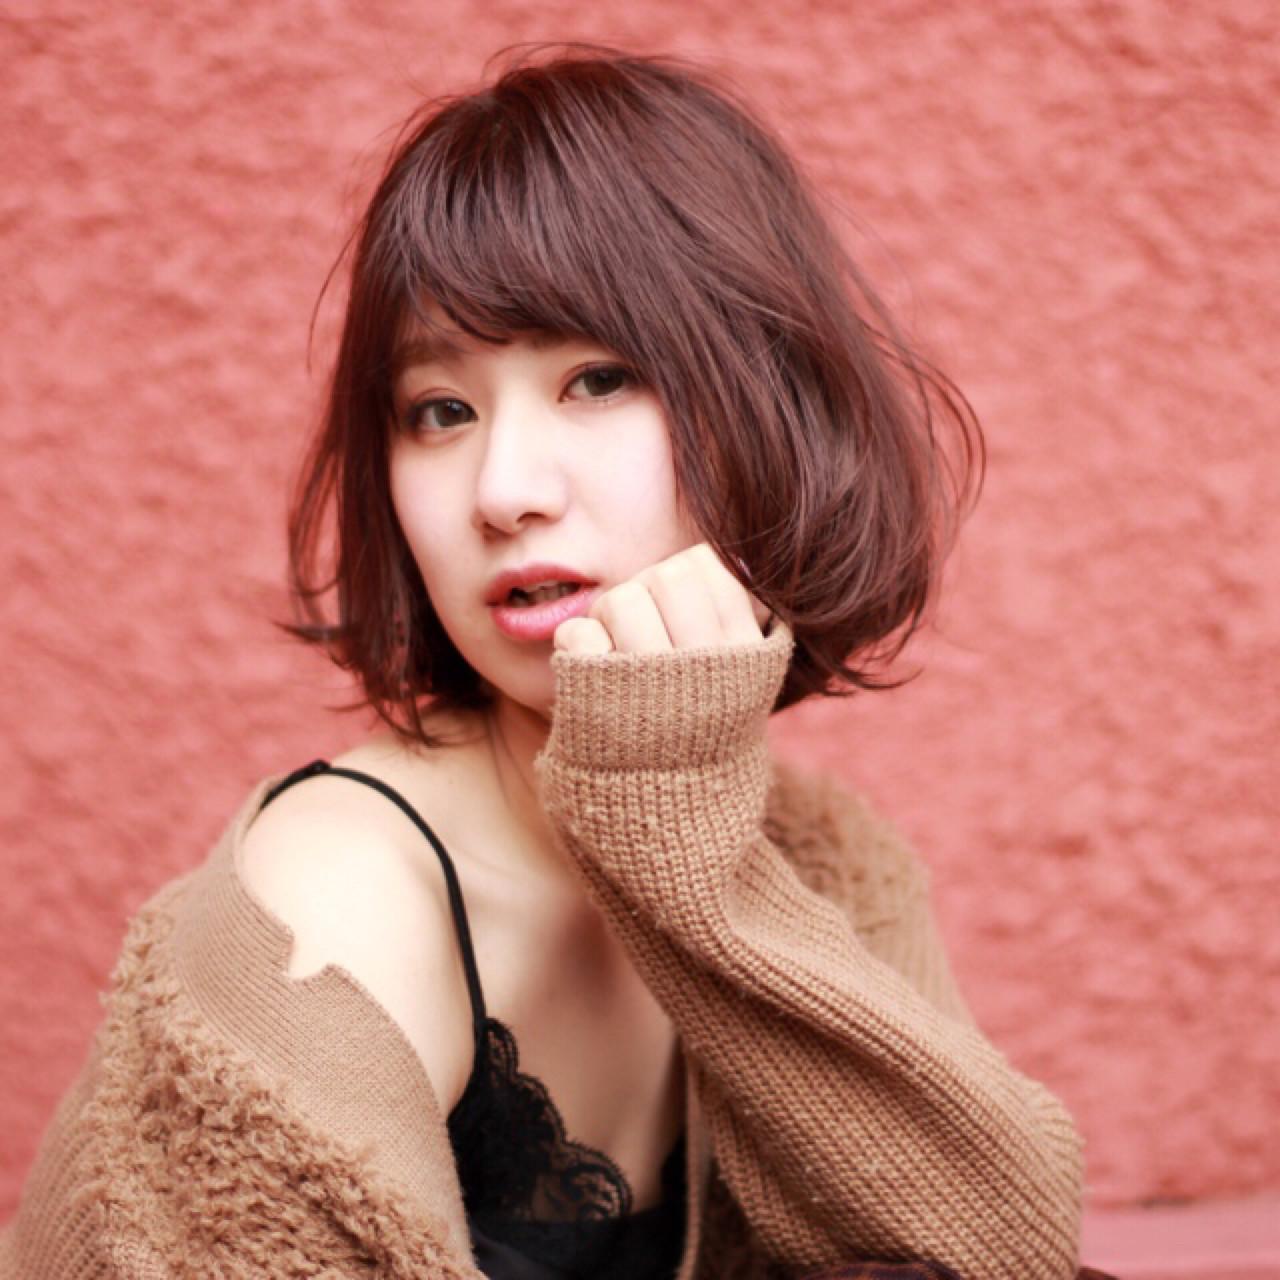 ゆるふわ ガーリー 色気 パープル ヘアスタイルや髪型の写真・画像